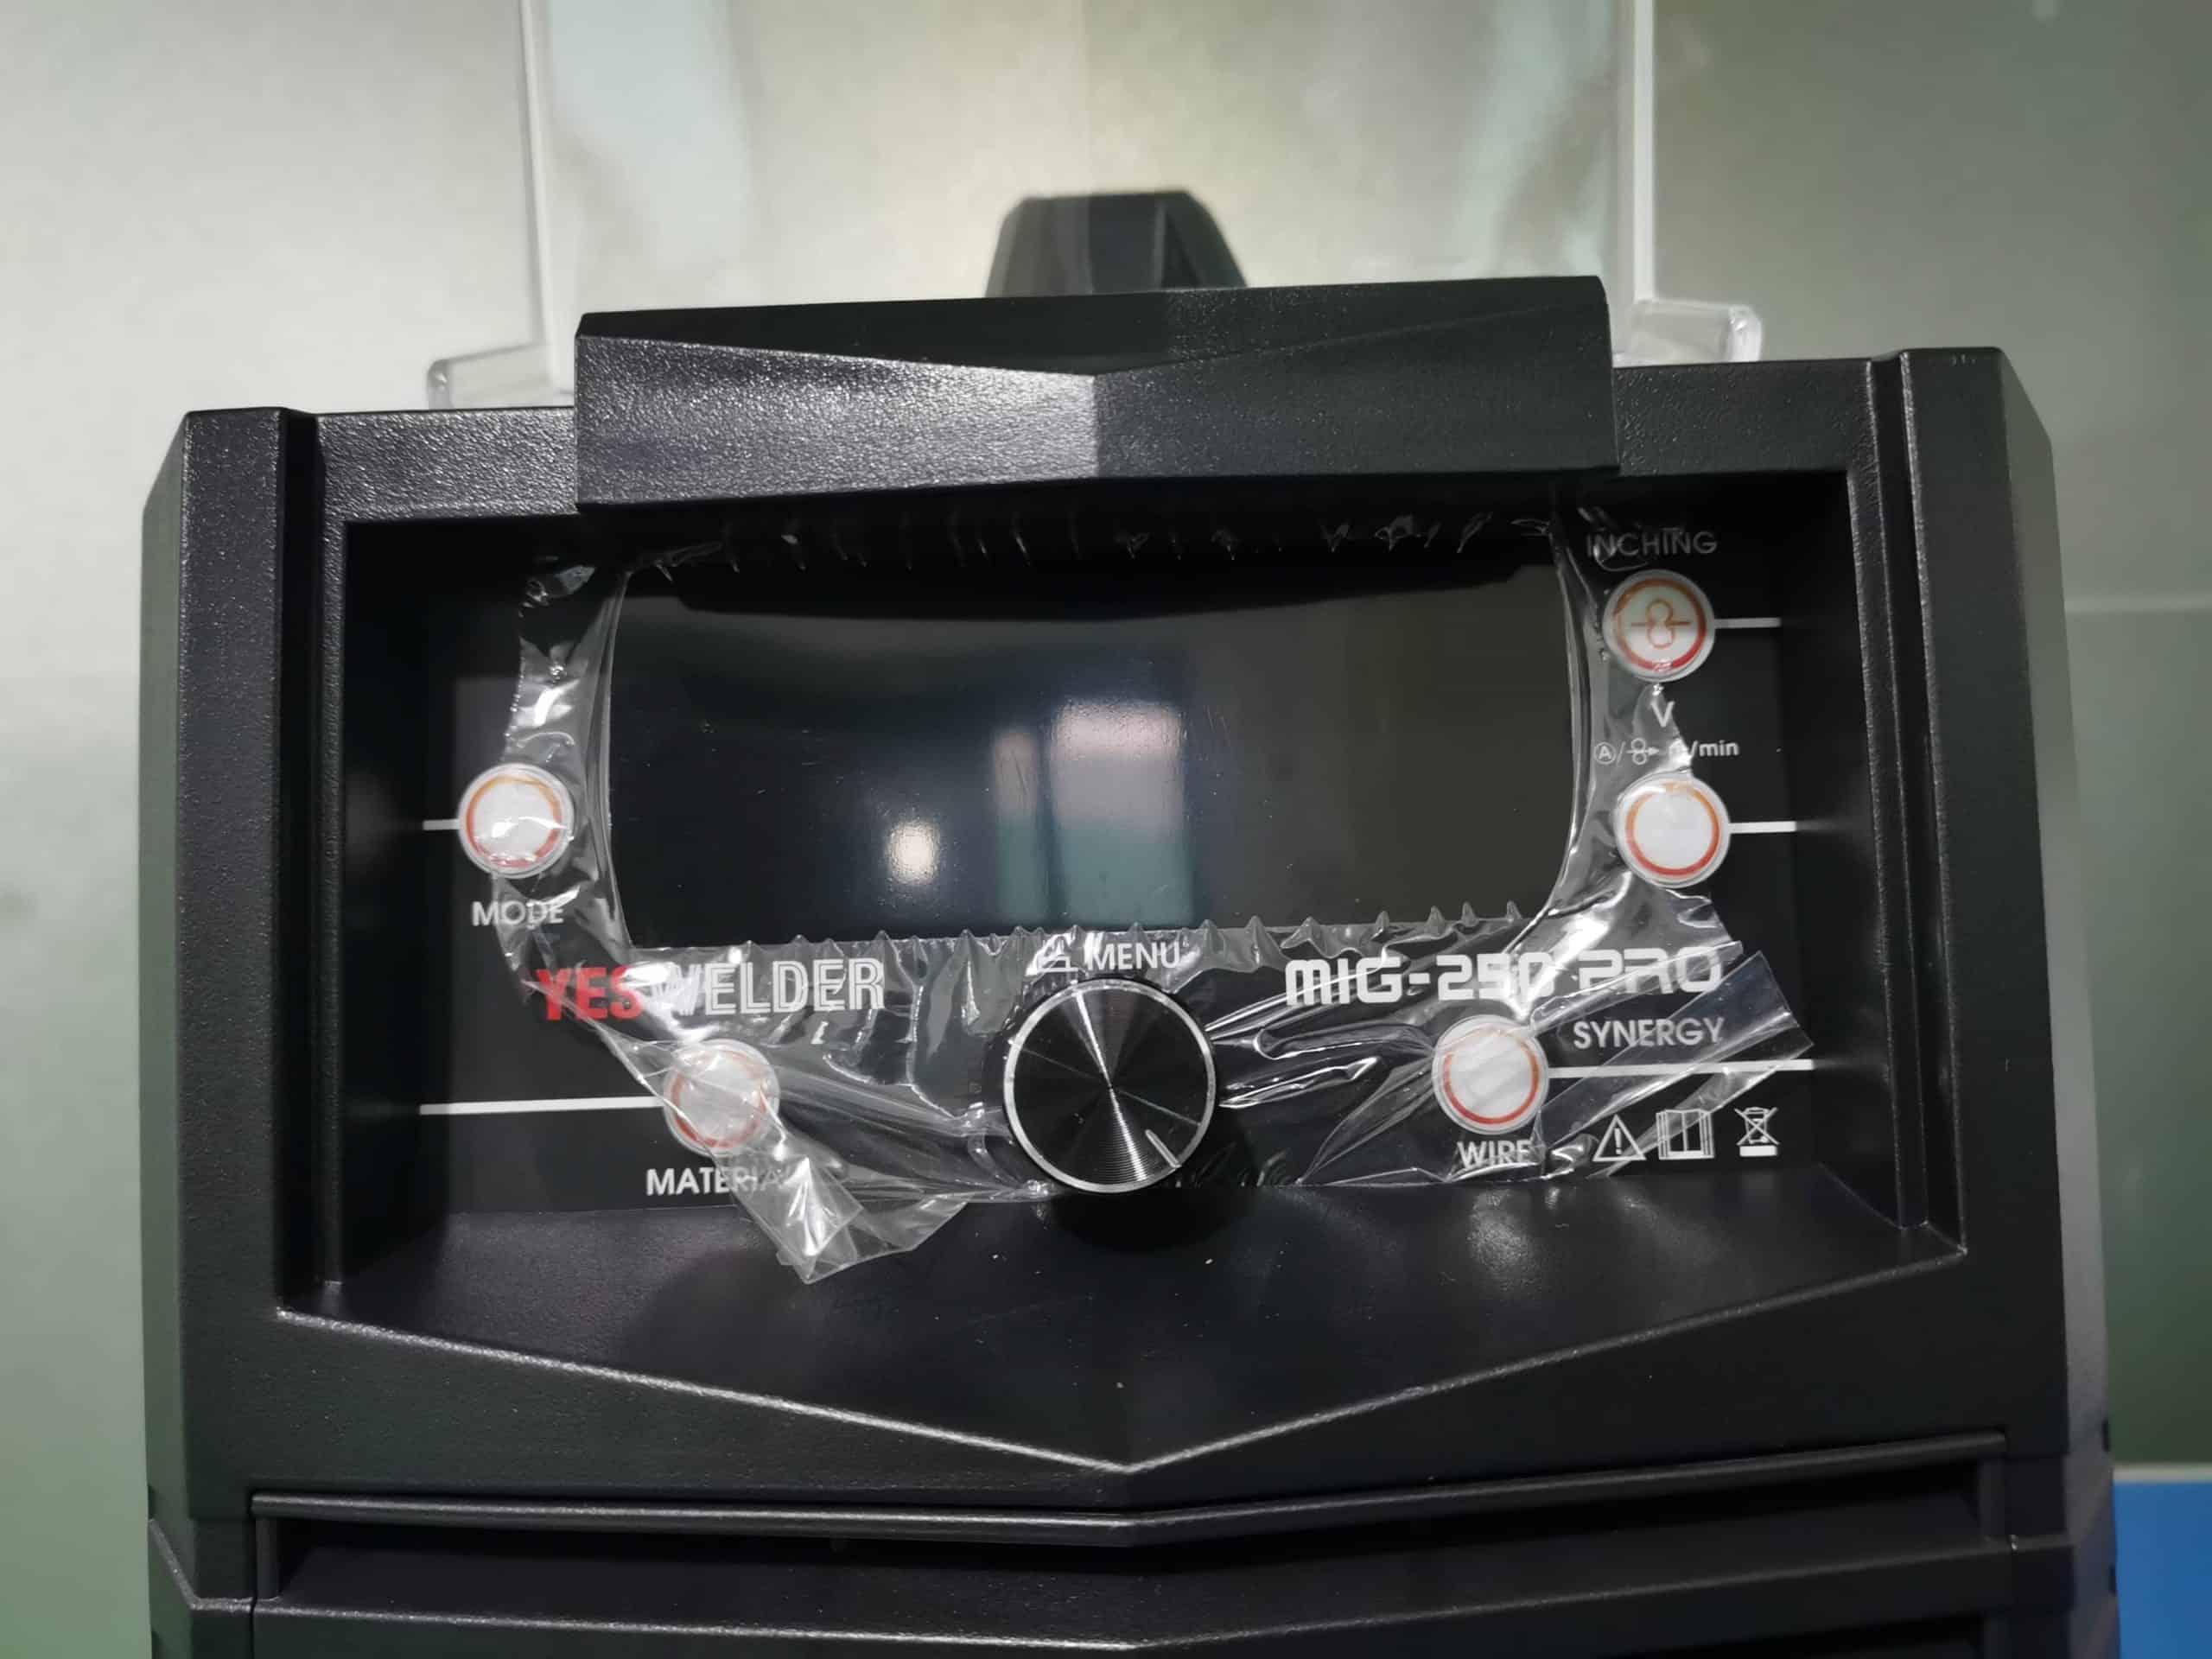 YesWelder MIG 250 display